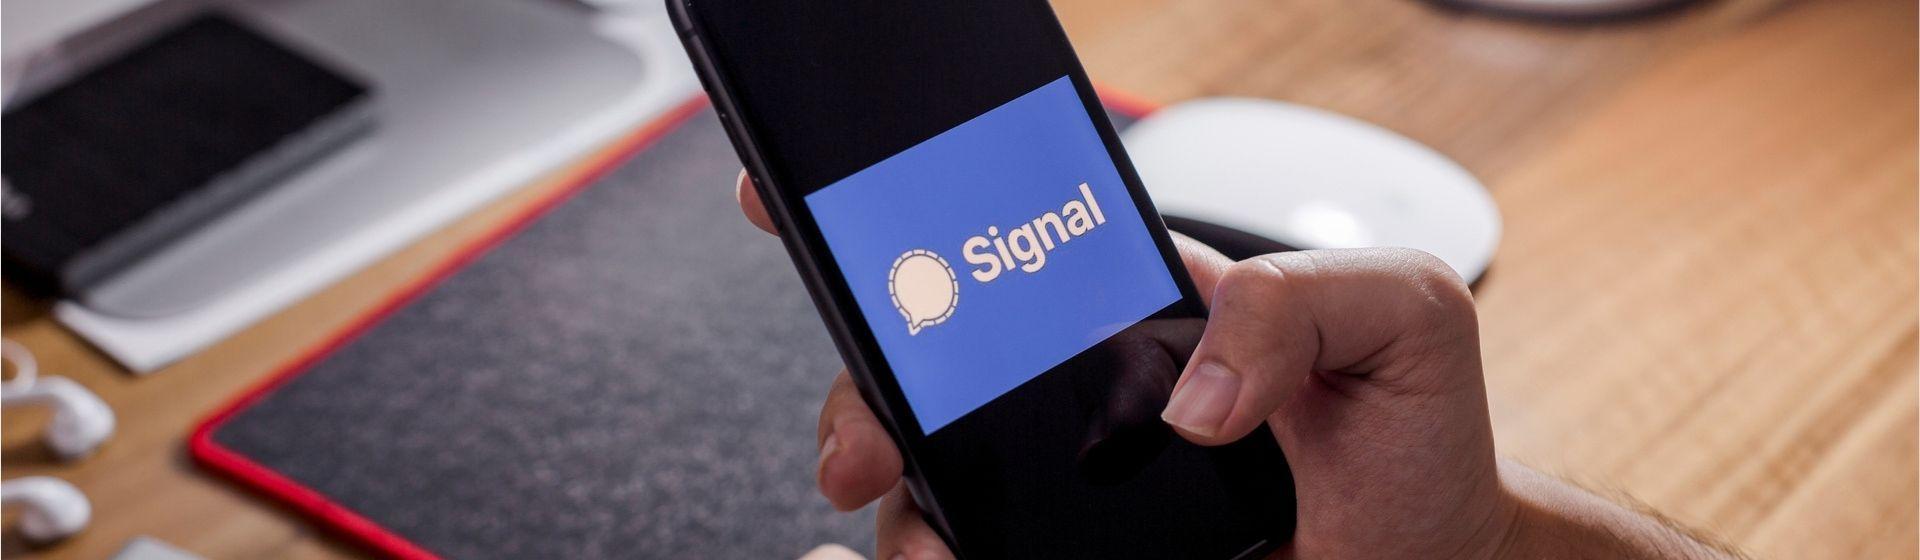 Signal: tudo sobre o mensageiro instantâneo